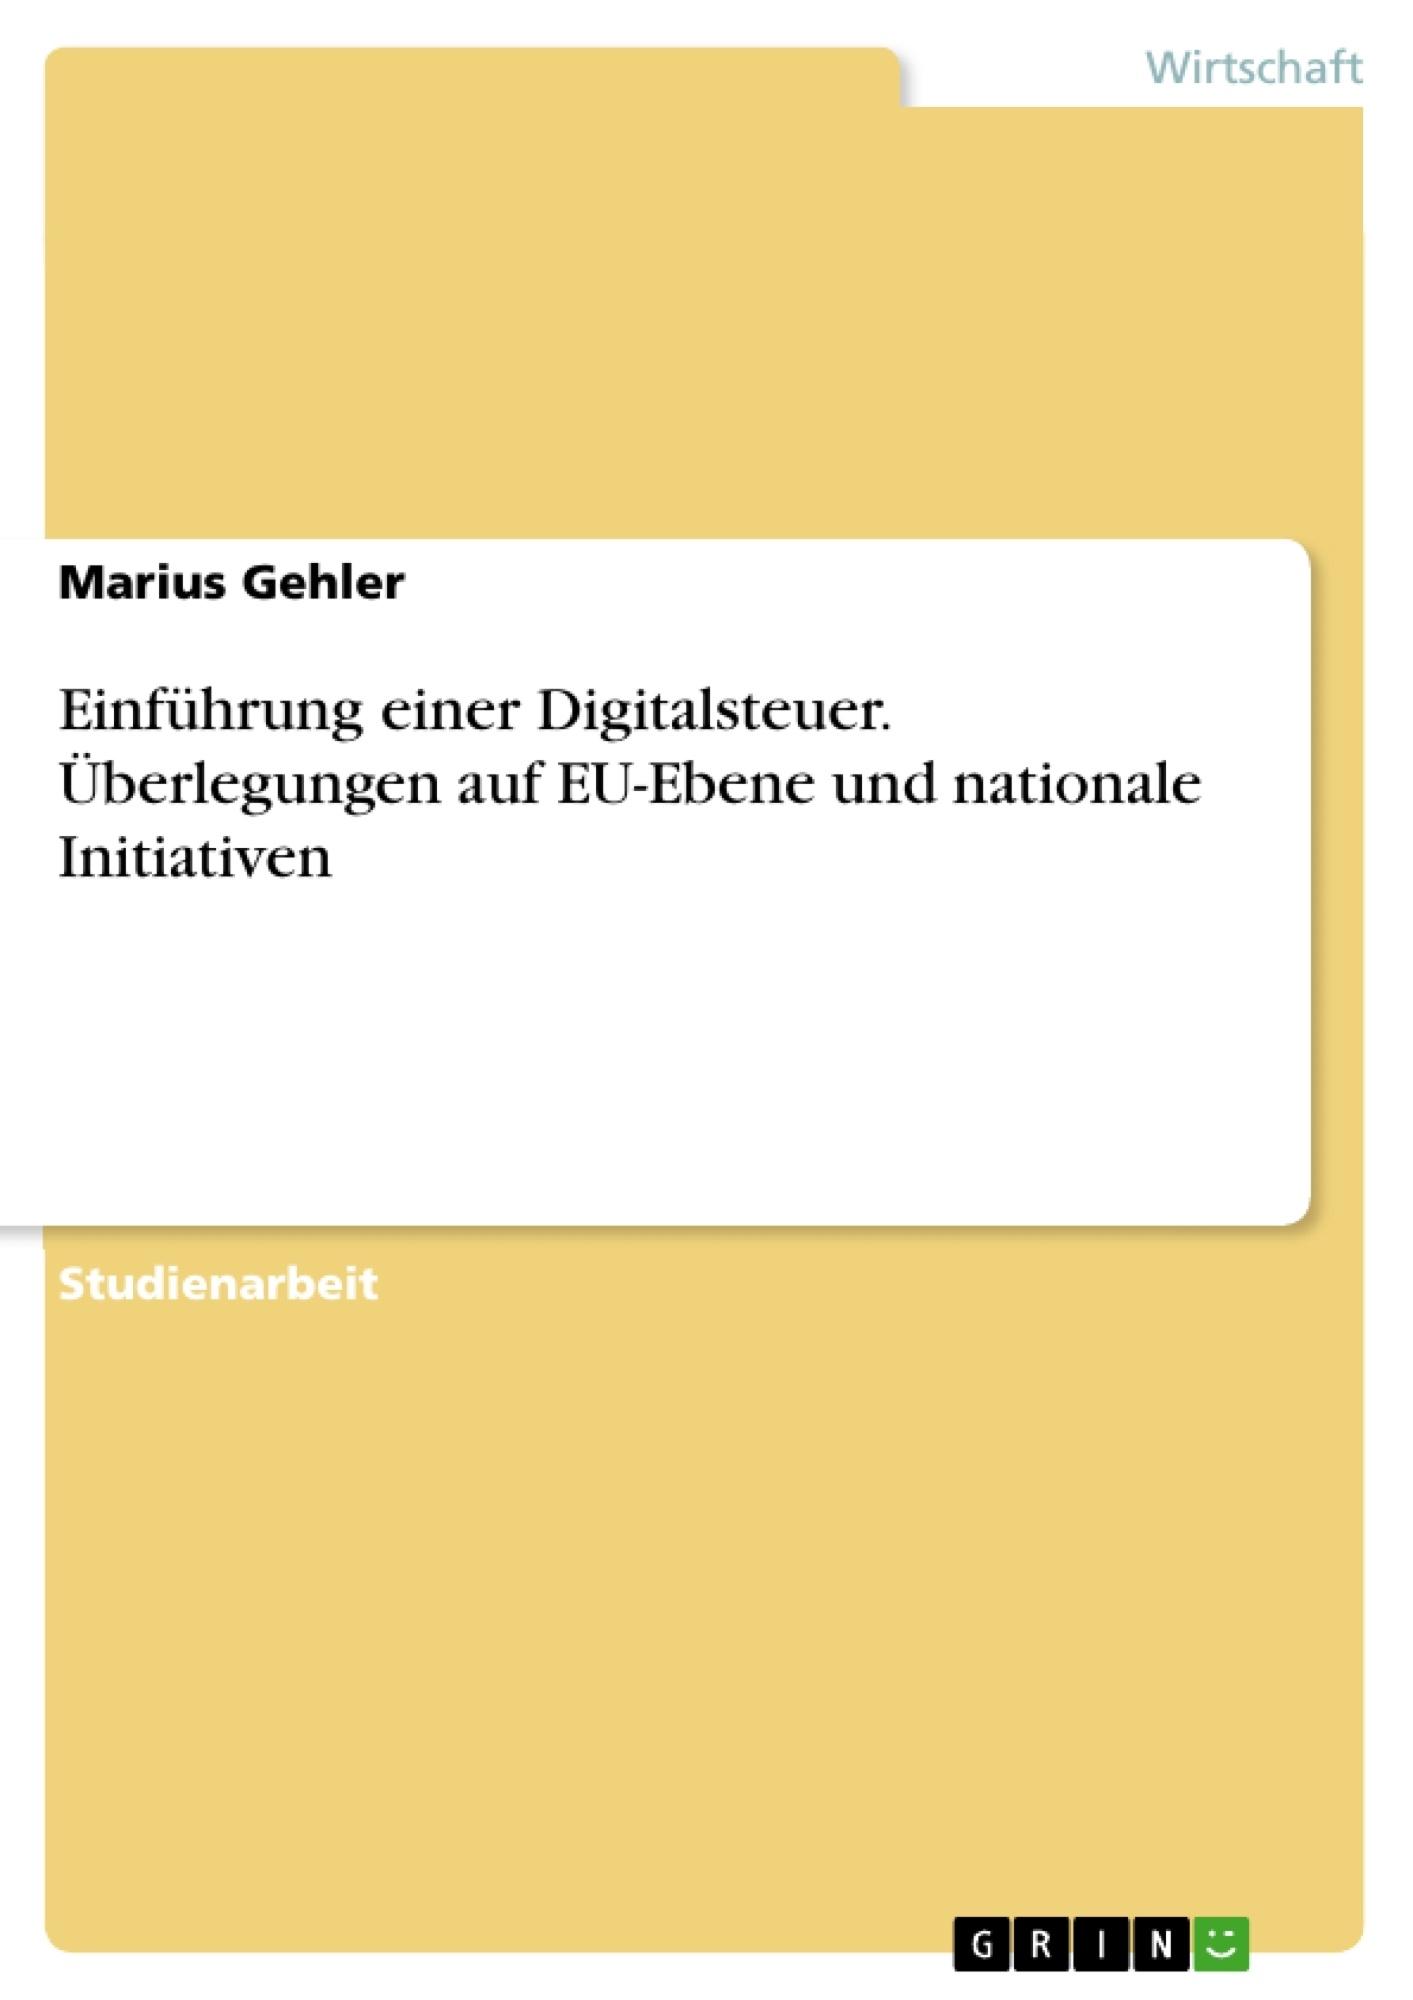 Titel: Einführung einer Digitalsteuer. Überlegungen auf EU-Ebene und nationale Initiativen